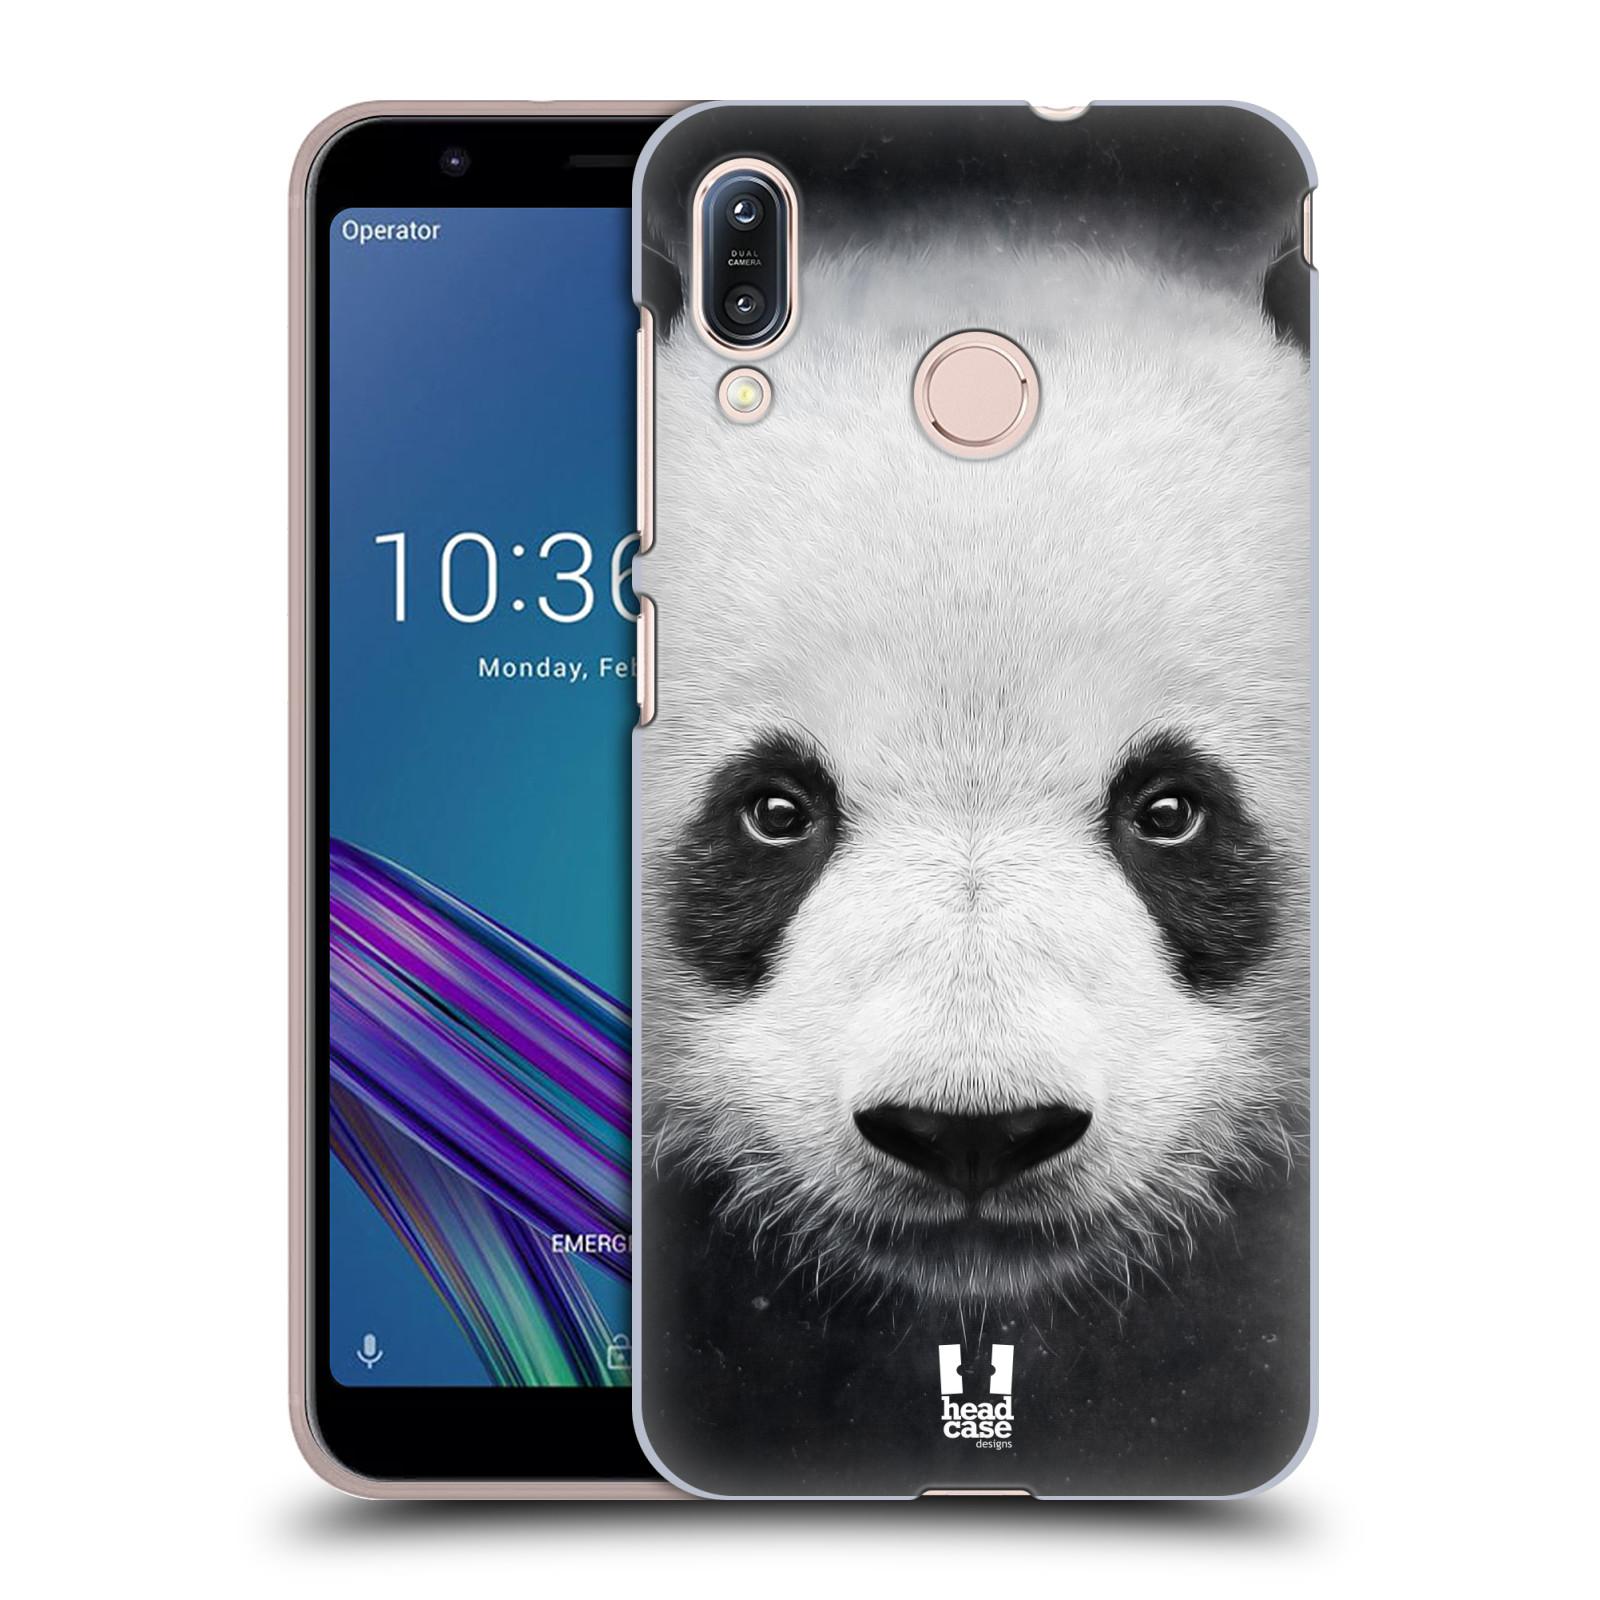 Pouzdro na mobil Asus Zenfone Max M1 (ZB555KL) - HEAD CASE - vzor Zvířecí tváře medvěd panda